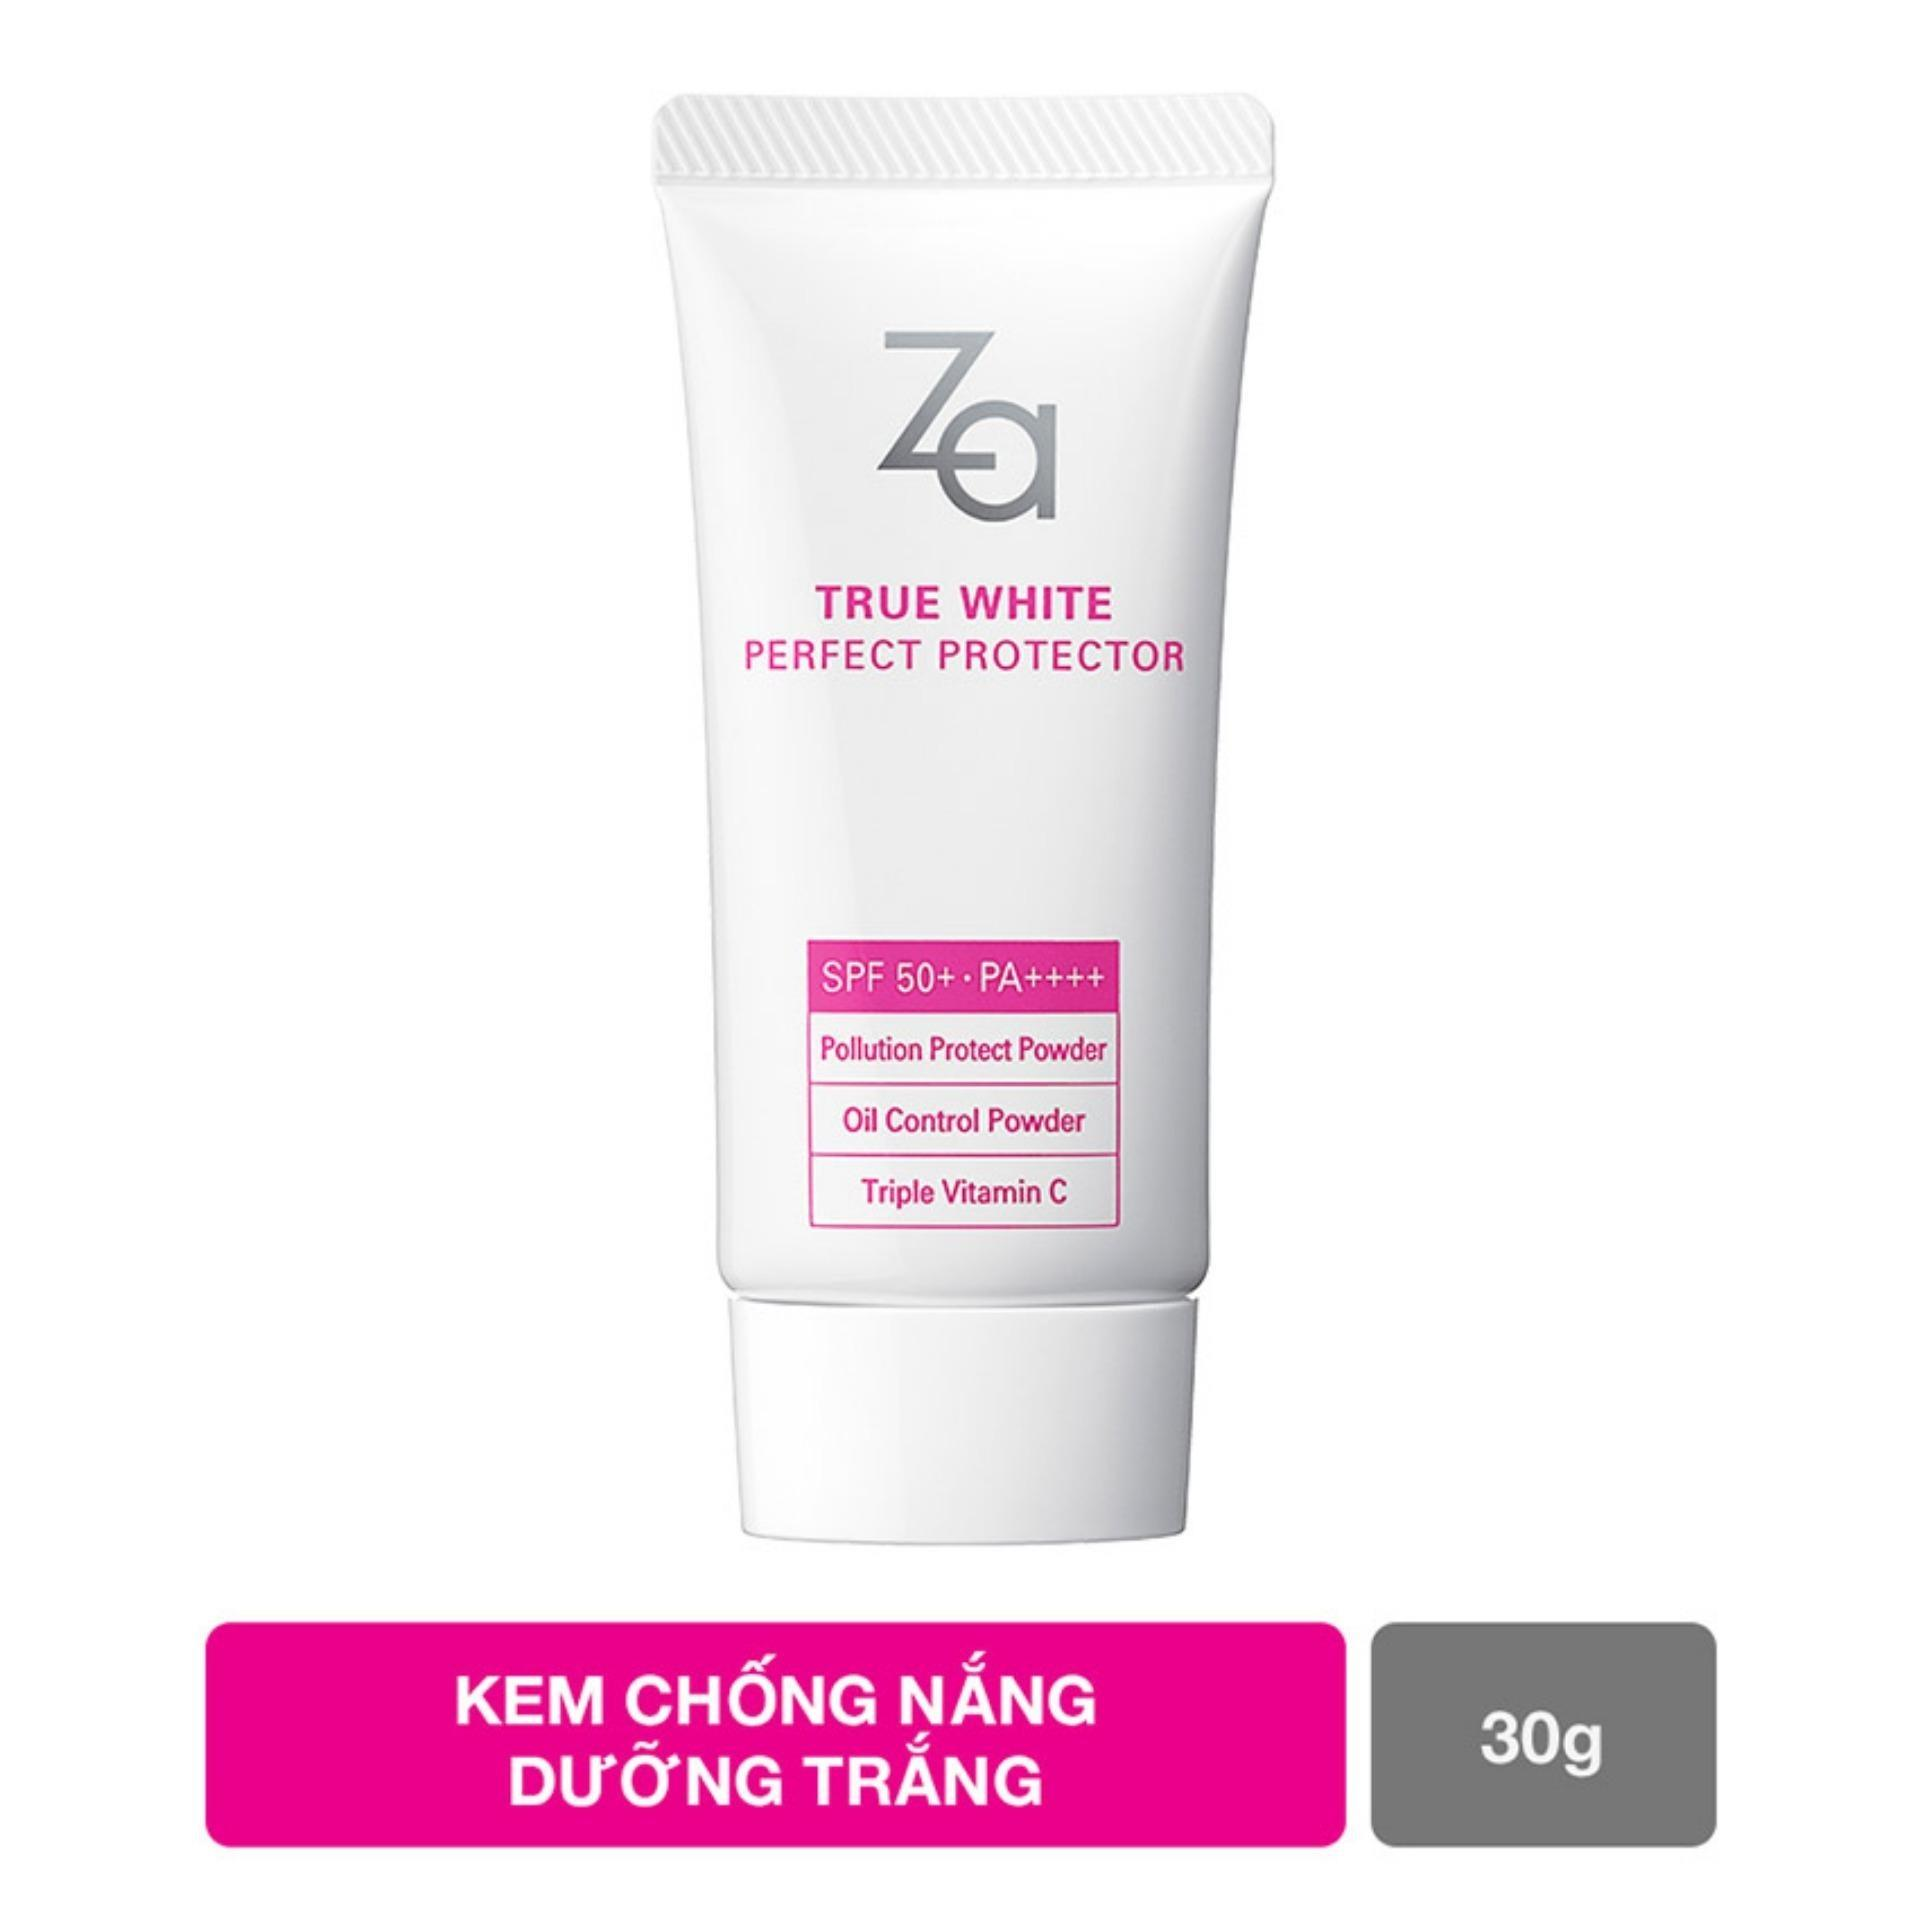 Kem chống nắng dưỡng trắng và kiềm dầu Za True White Ex Perfect Protector SPF 50 PA+++ 30g (Code 40595) nhập khẩu